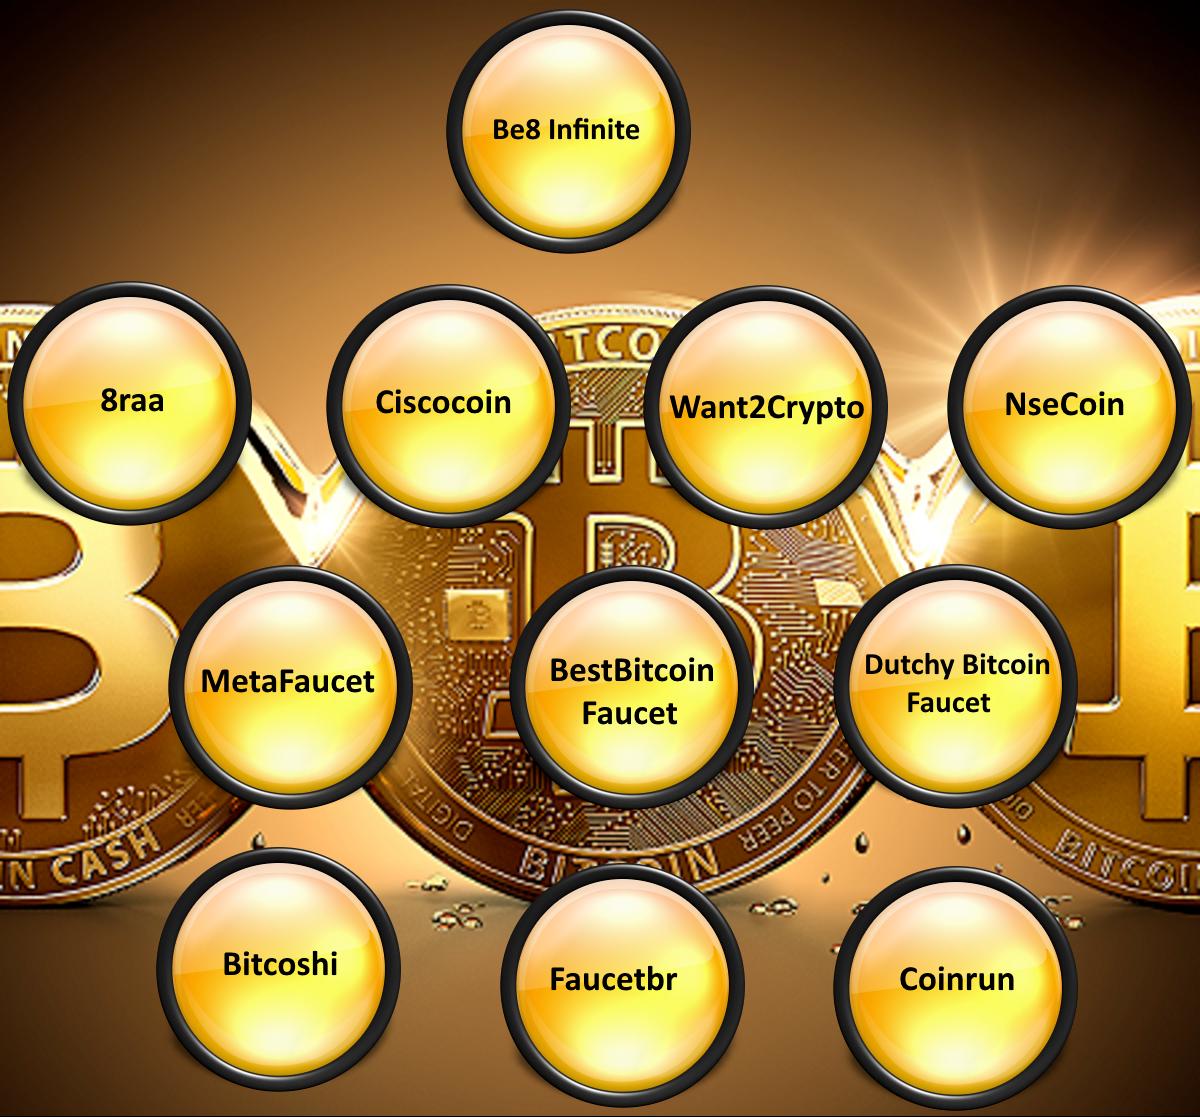 El mejor equipo de las faucets Bitcoin (BTC) Squadra-btc-1